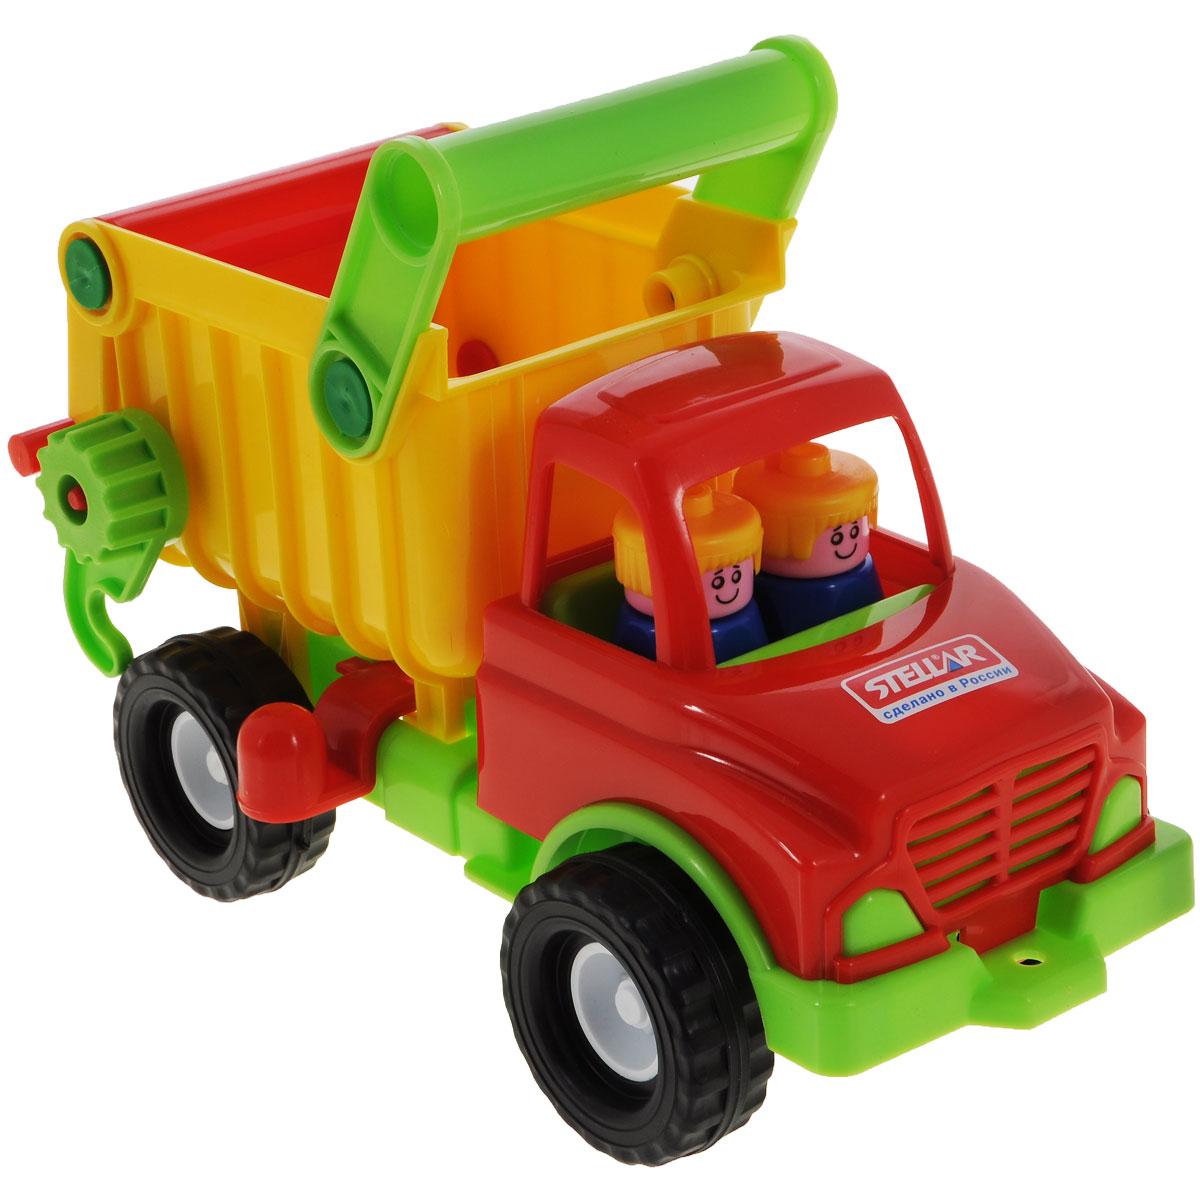 Stellar Грузовик цвет красный салатовый01401Грузовик Stellar отлично подойдет ребенку для различных игр. Вместительный кузов машины поднимается и опускается. Большие колеса обеспечивают машине устойчивость и хорошую проходимость. В кабине без стекол сидят две фигурки. А еще машину можно возить за веревочку - для этого предусмотрено отверстие на бампере грузовика. Грузовик выполнен из прочного пластика, который позволяет выдерживать большие нагрузки. Ваш юный строитель сможет прекрасно провести время дома или на улице, подвозя к месту игрушечной стройки необходимые предметы на этом красочном грузовике.